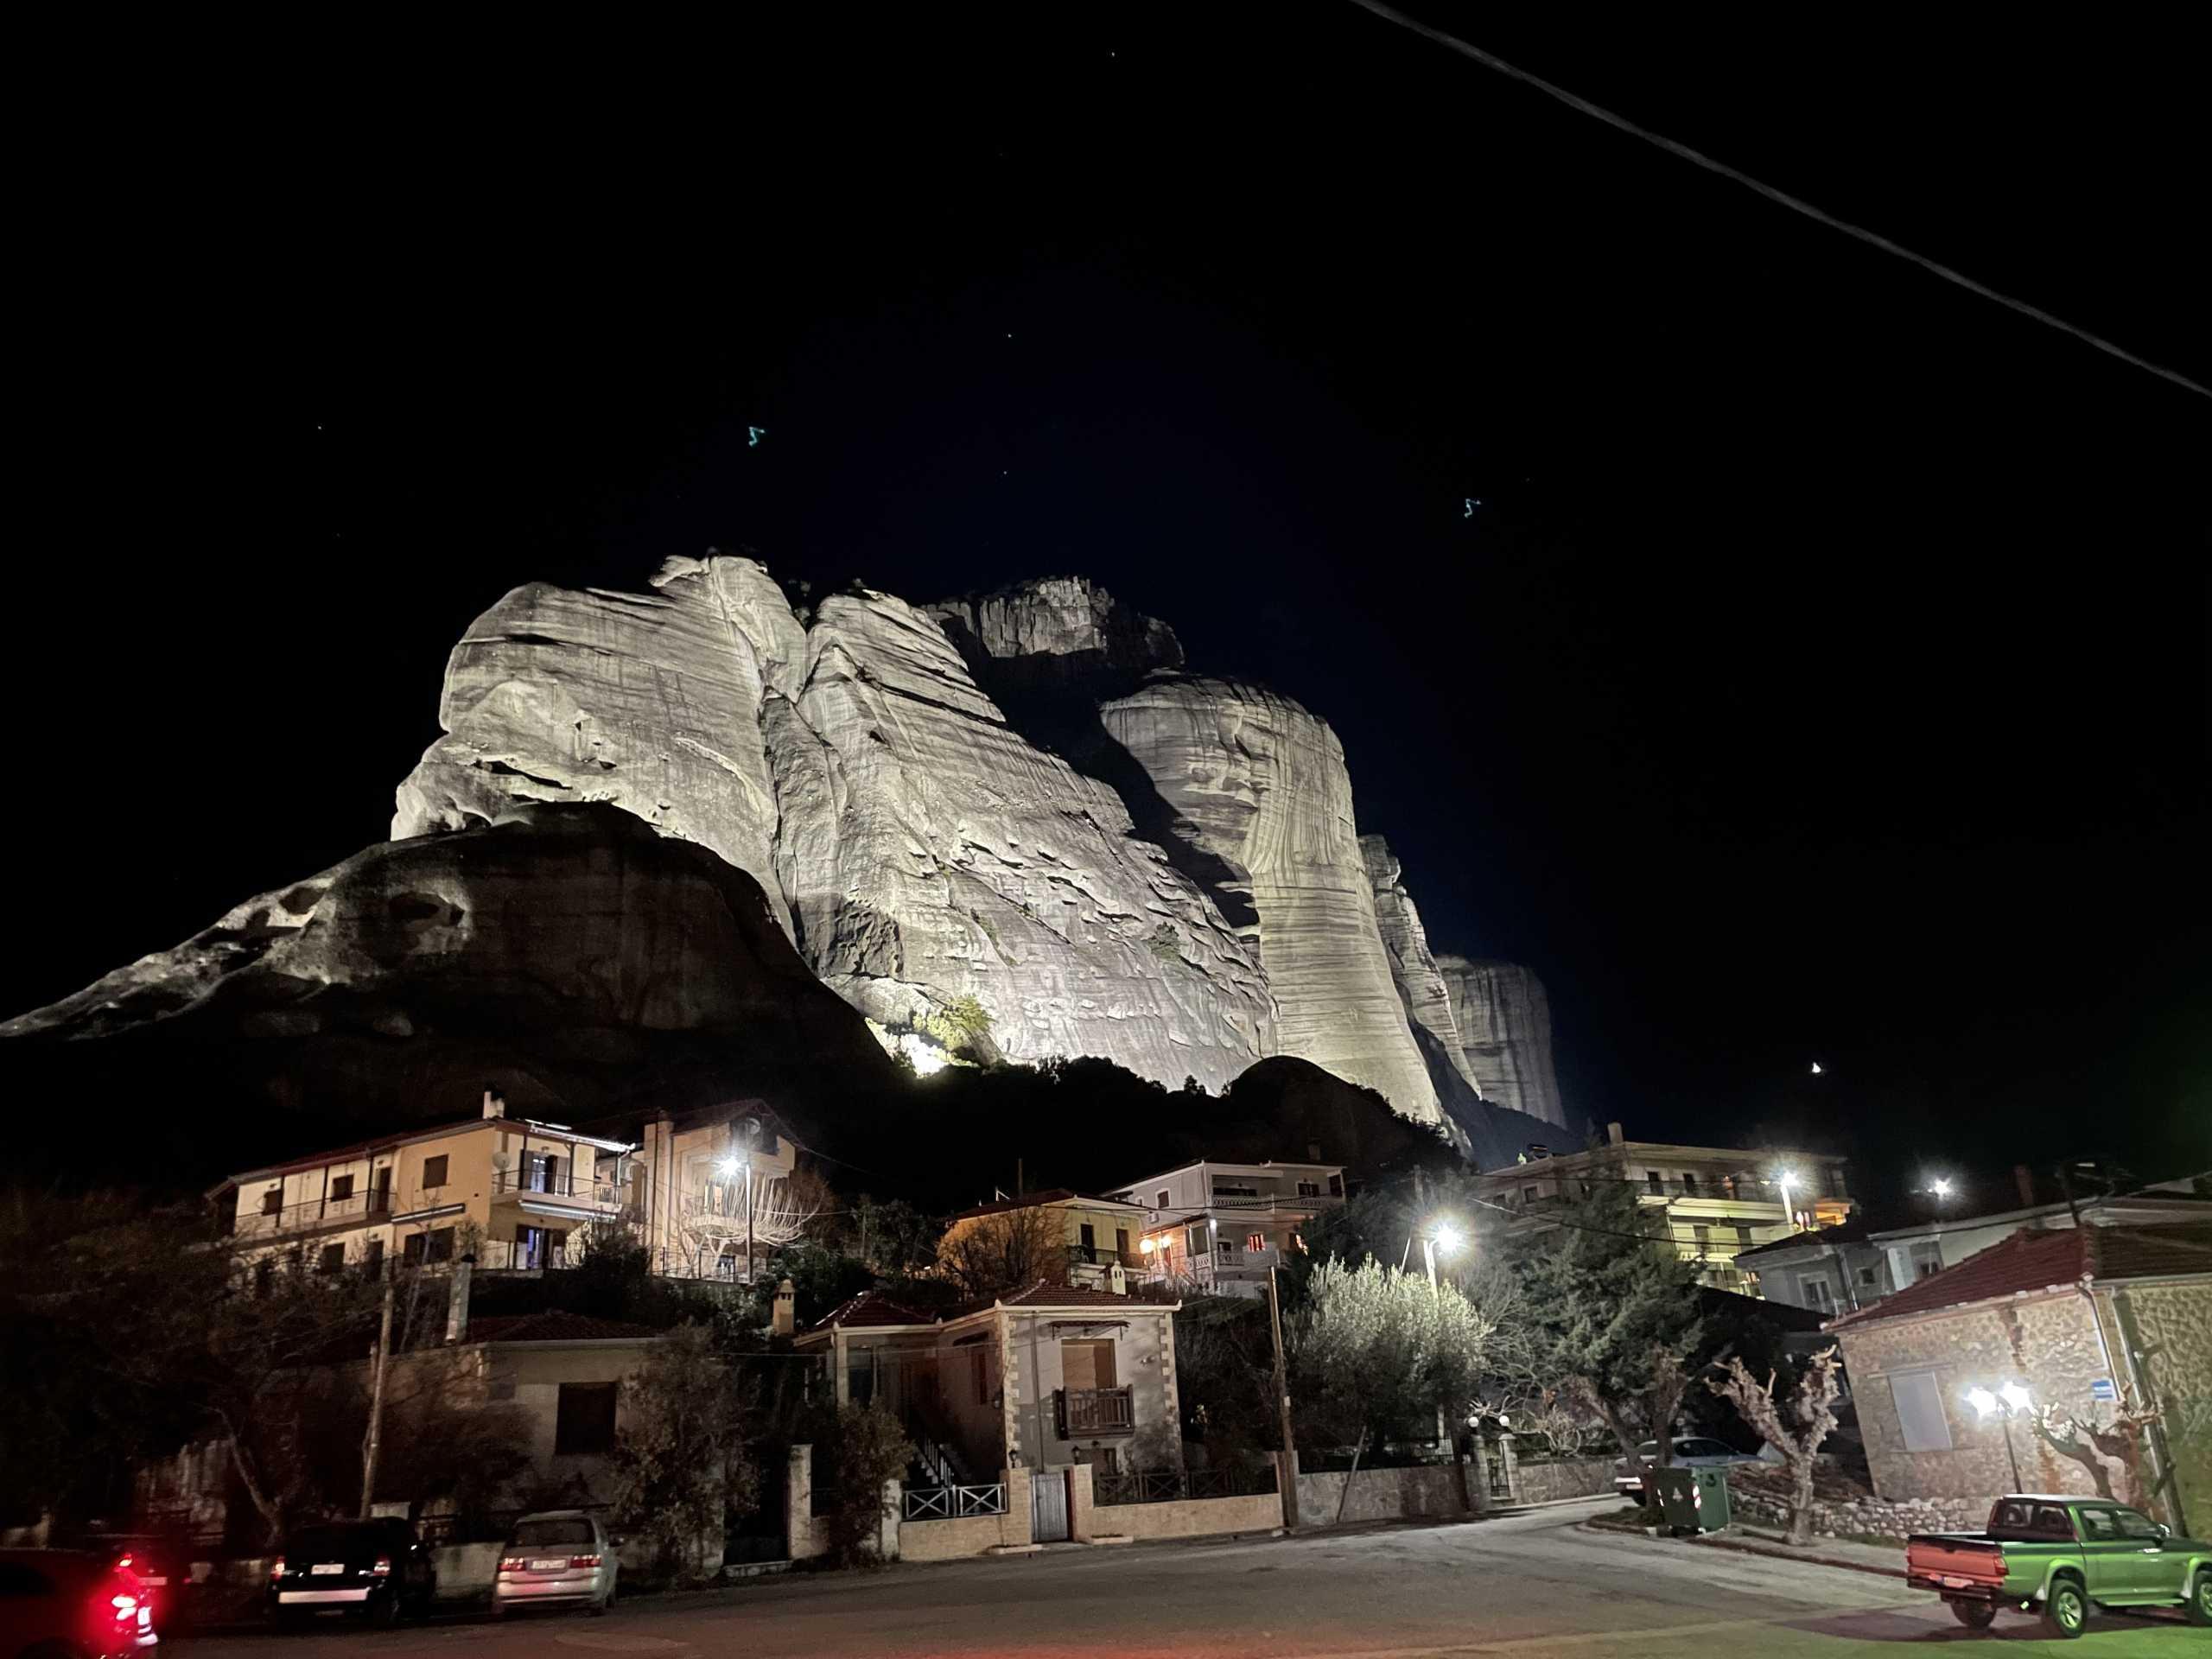 Σεισμός – Μετέωρα: Ντοκουμέντο τη στιγμή της αποκόλλησης βράχου – Έπεσε πολύ κοντά σε σπίτια (pic, video)